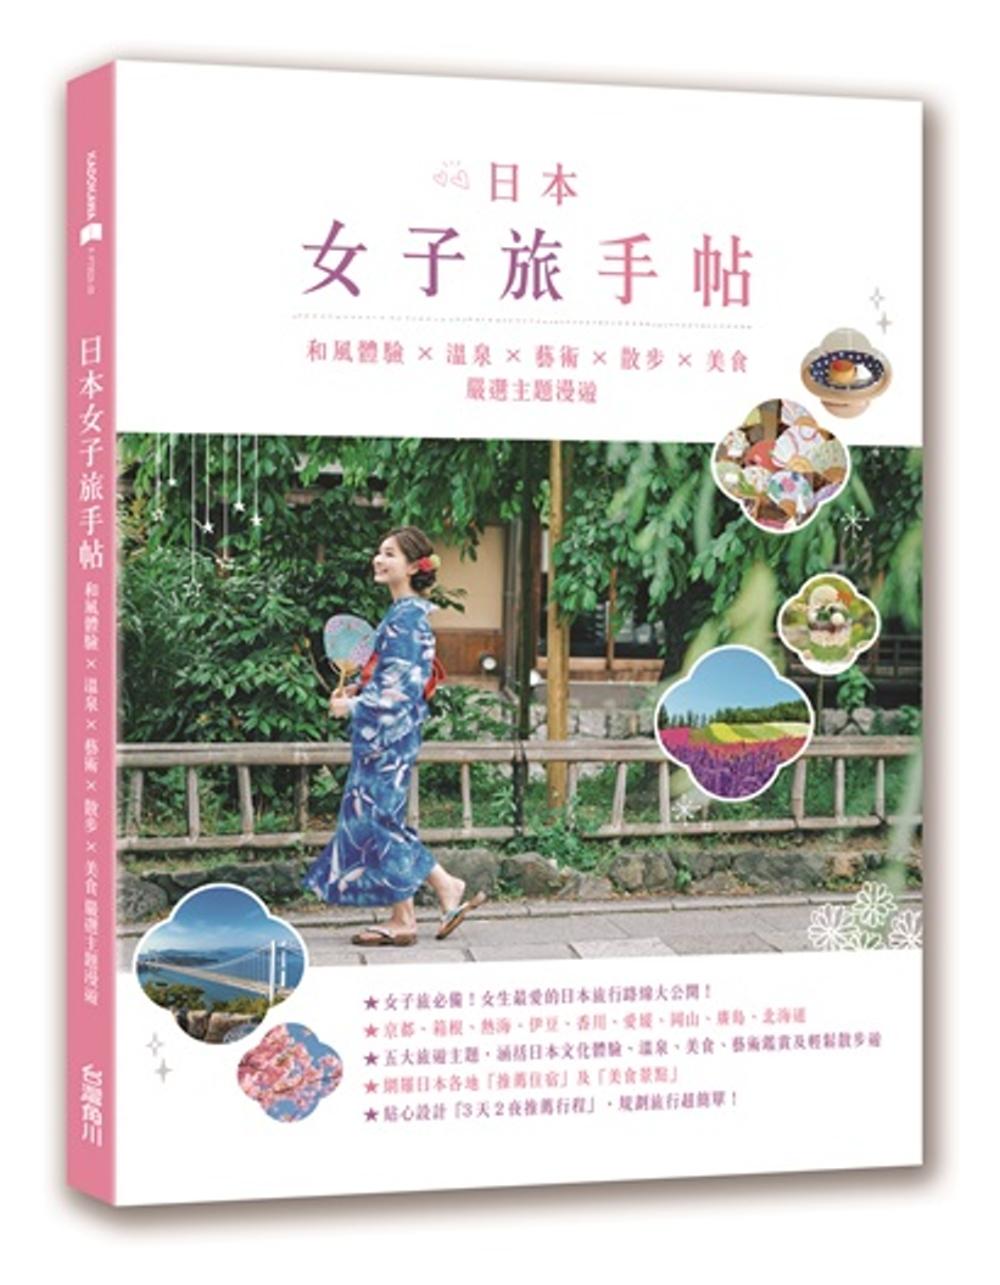 日本女子旅手帖:和風體驗╳溫泉╳藝術╳散步╳美食,嚴選主題漫遊